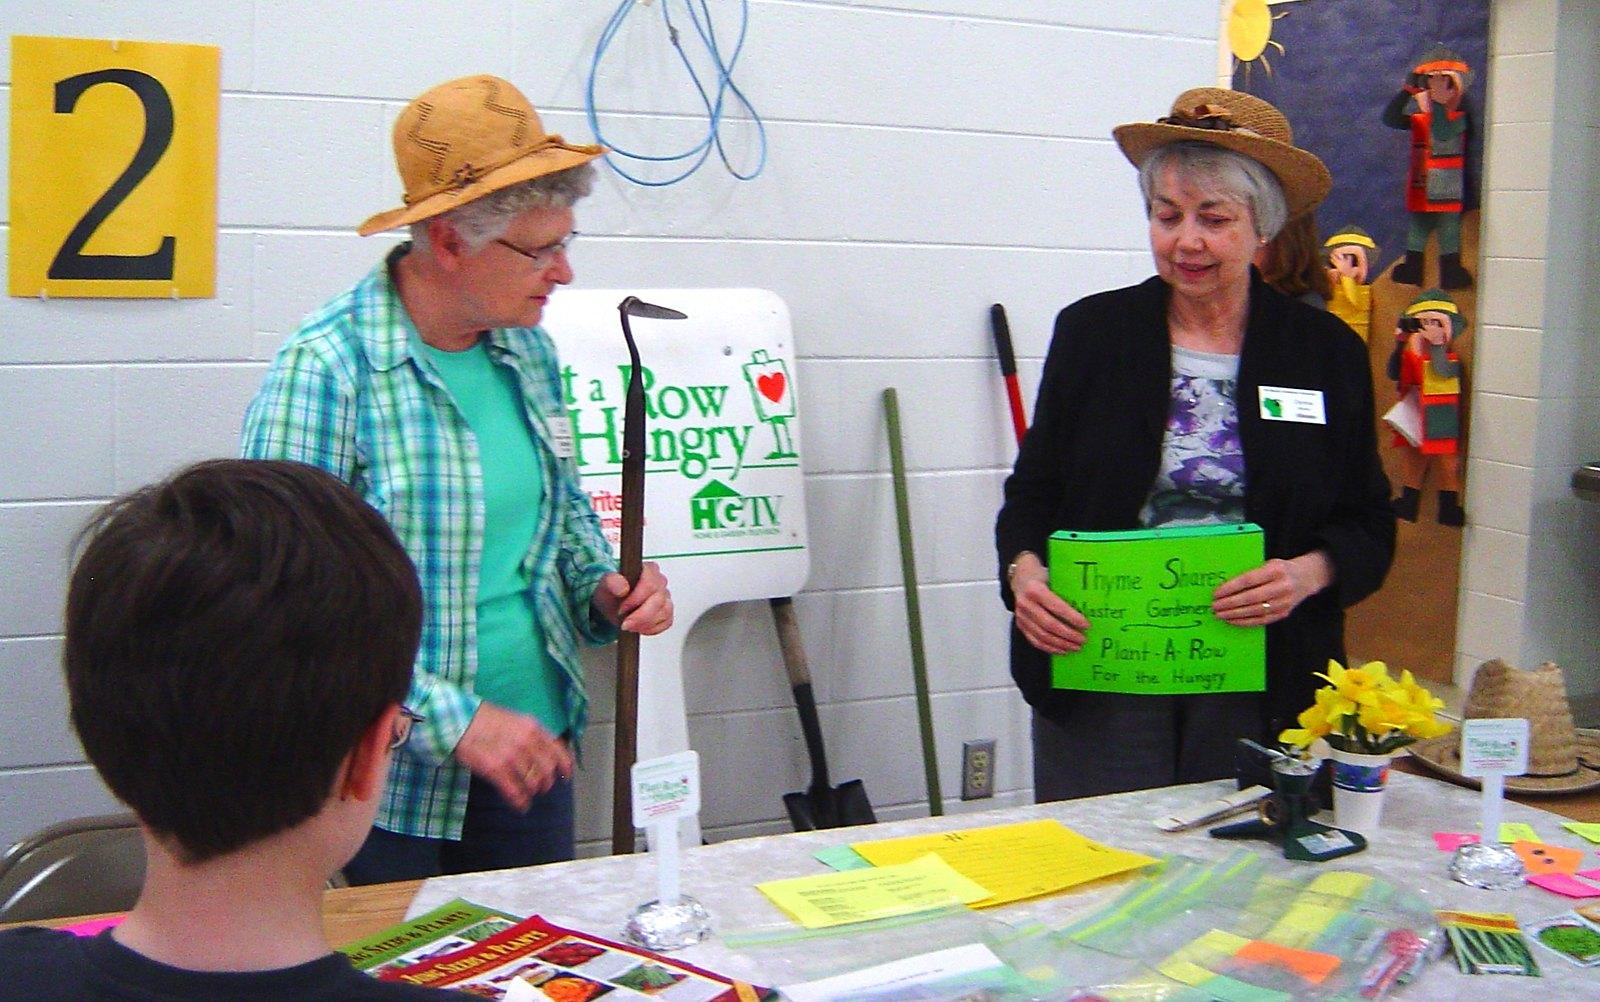 image of volunteers teaching youth